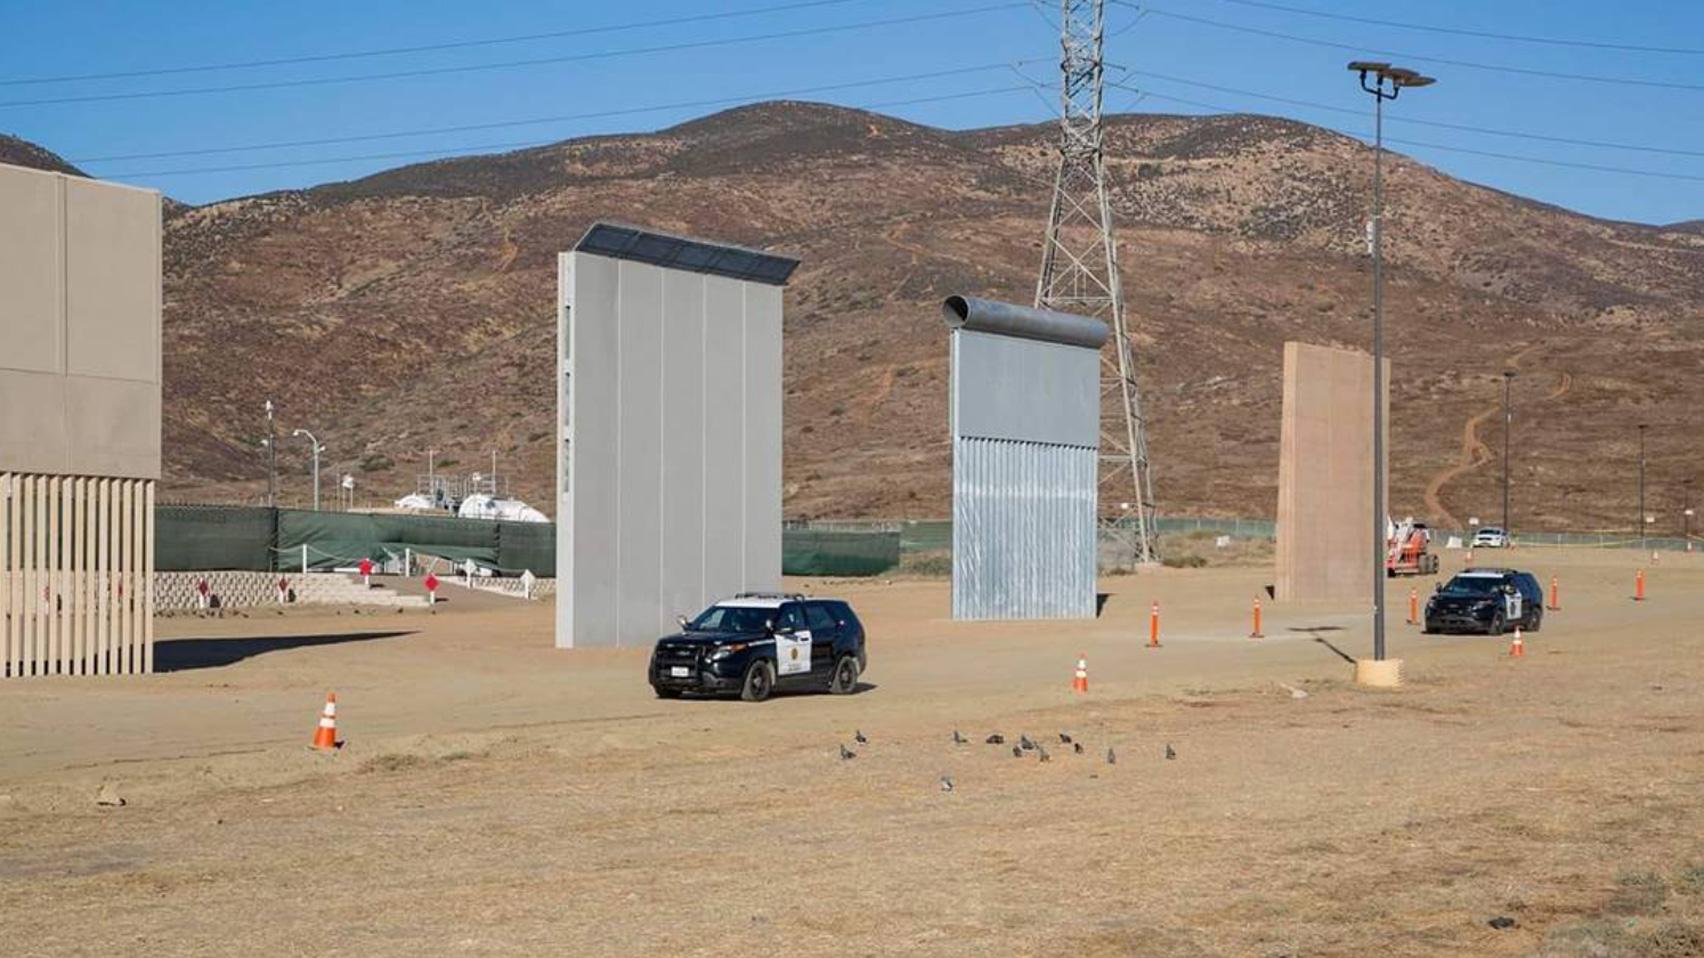 US-Mexico border wall prototypes